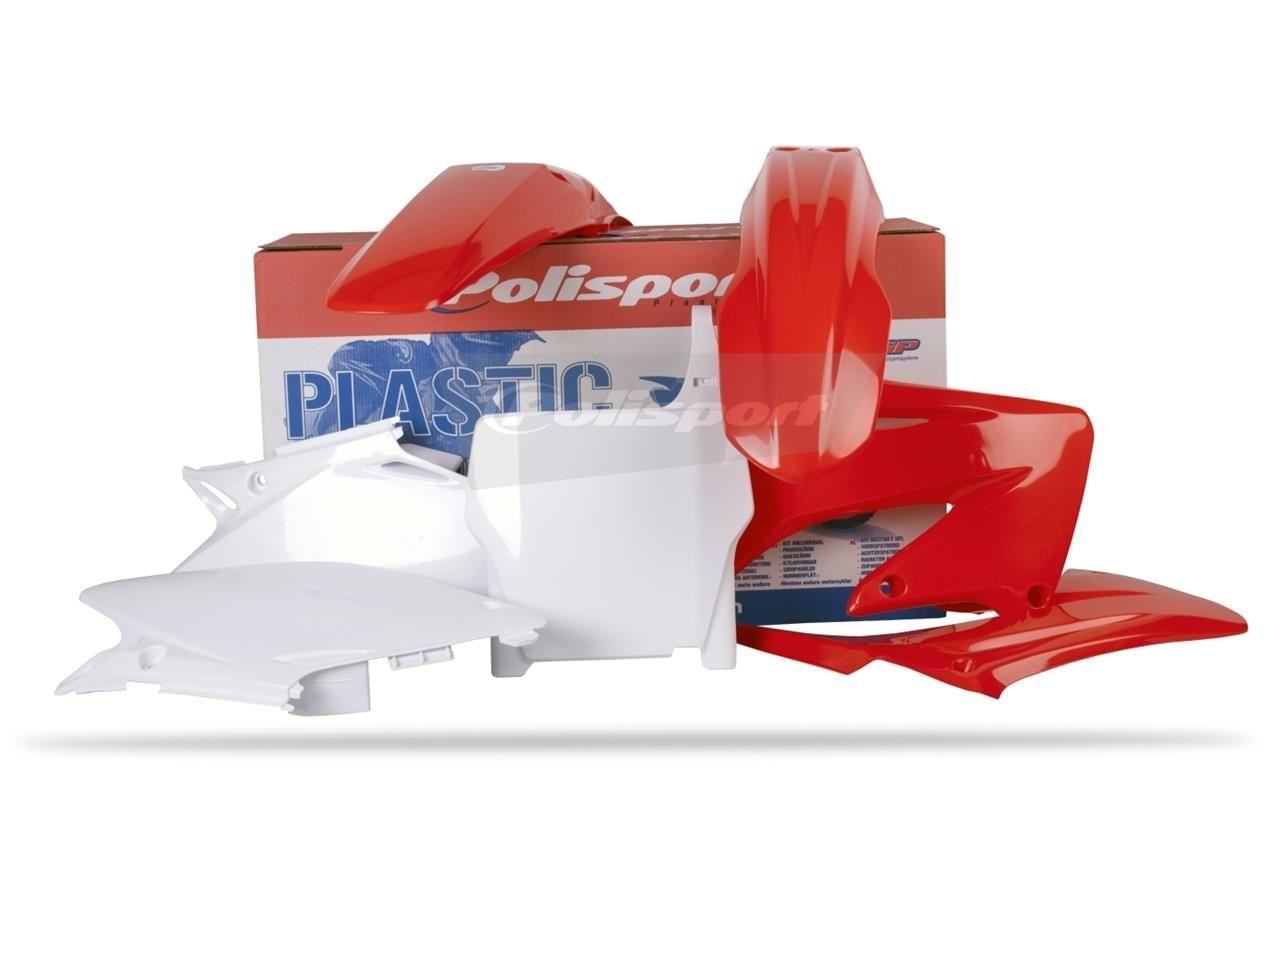 Kit plastique Polisport Honda Cr 250R 04-07 (rouge/blanc origine)